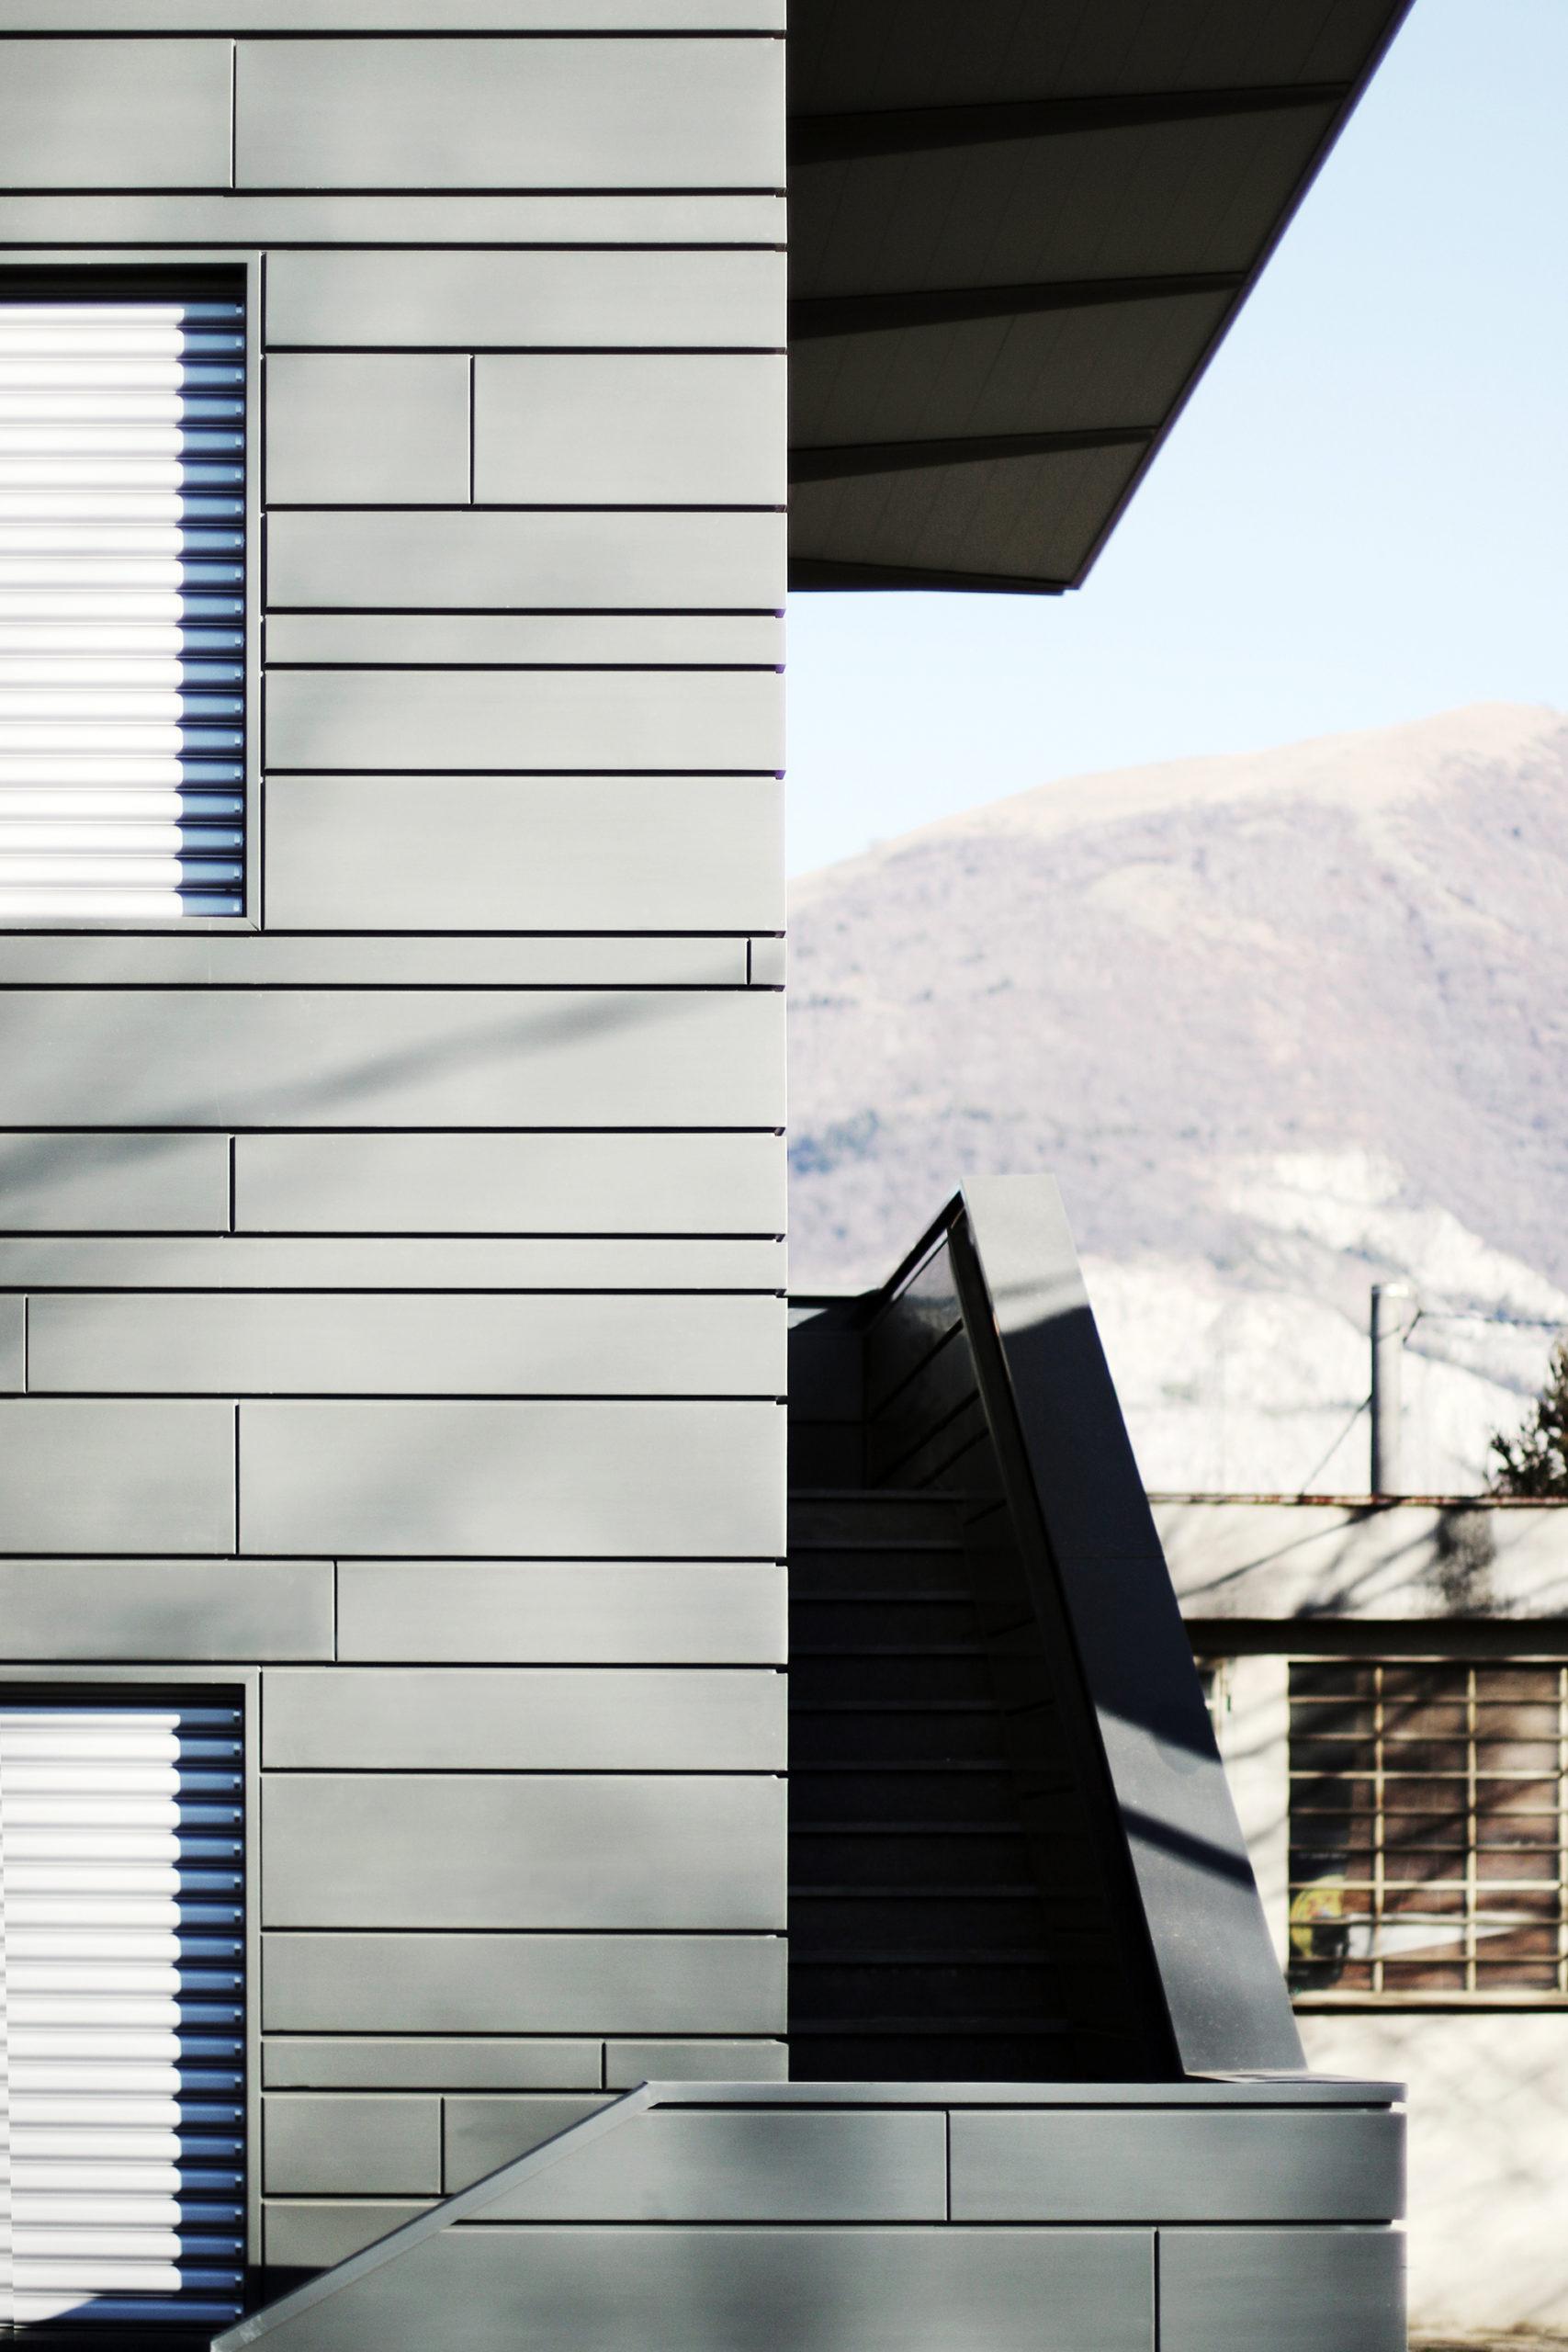 MAURISTUDIO-umberto-mauri-mauri-studio-bosisio-parini-New-Office-Building-Bosisio-Parini-Lecco-work-in-progress-Ventilated-Facade_final_07_2000